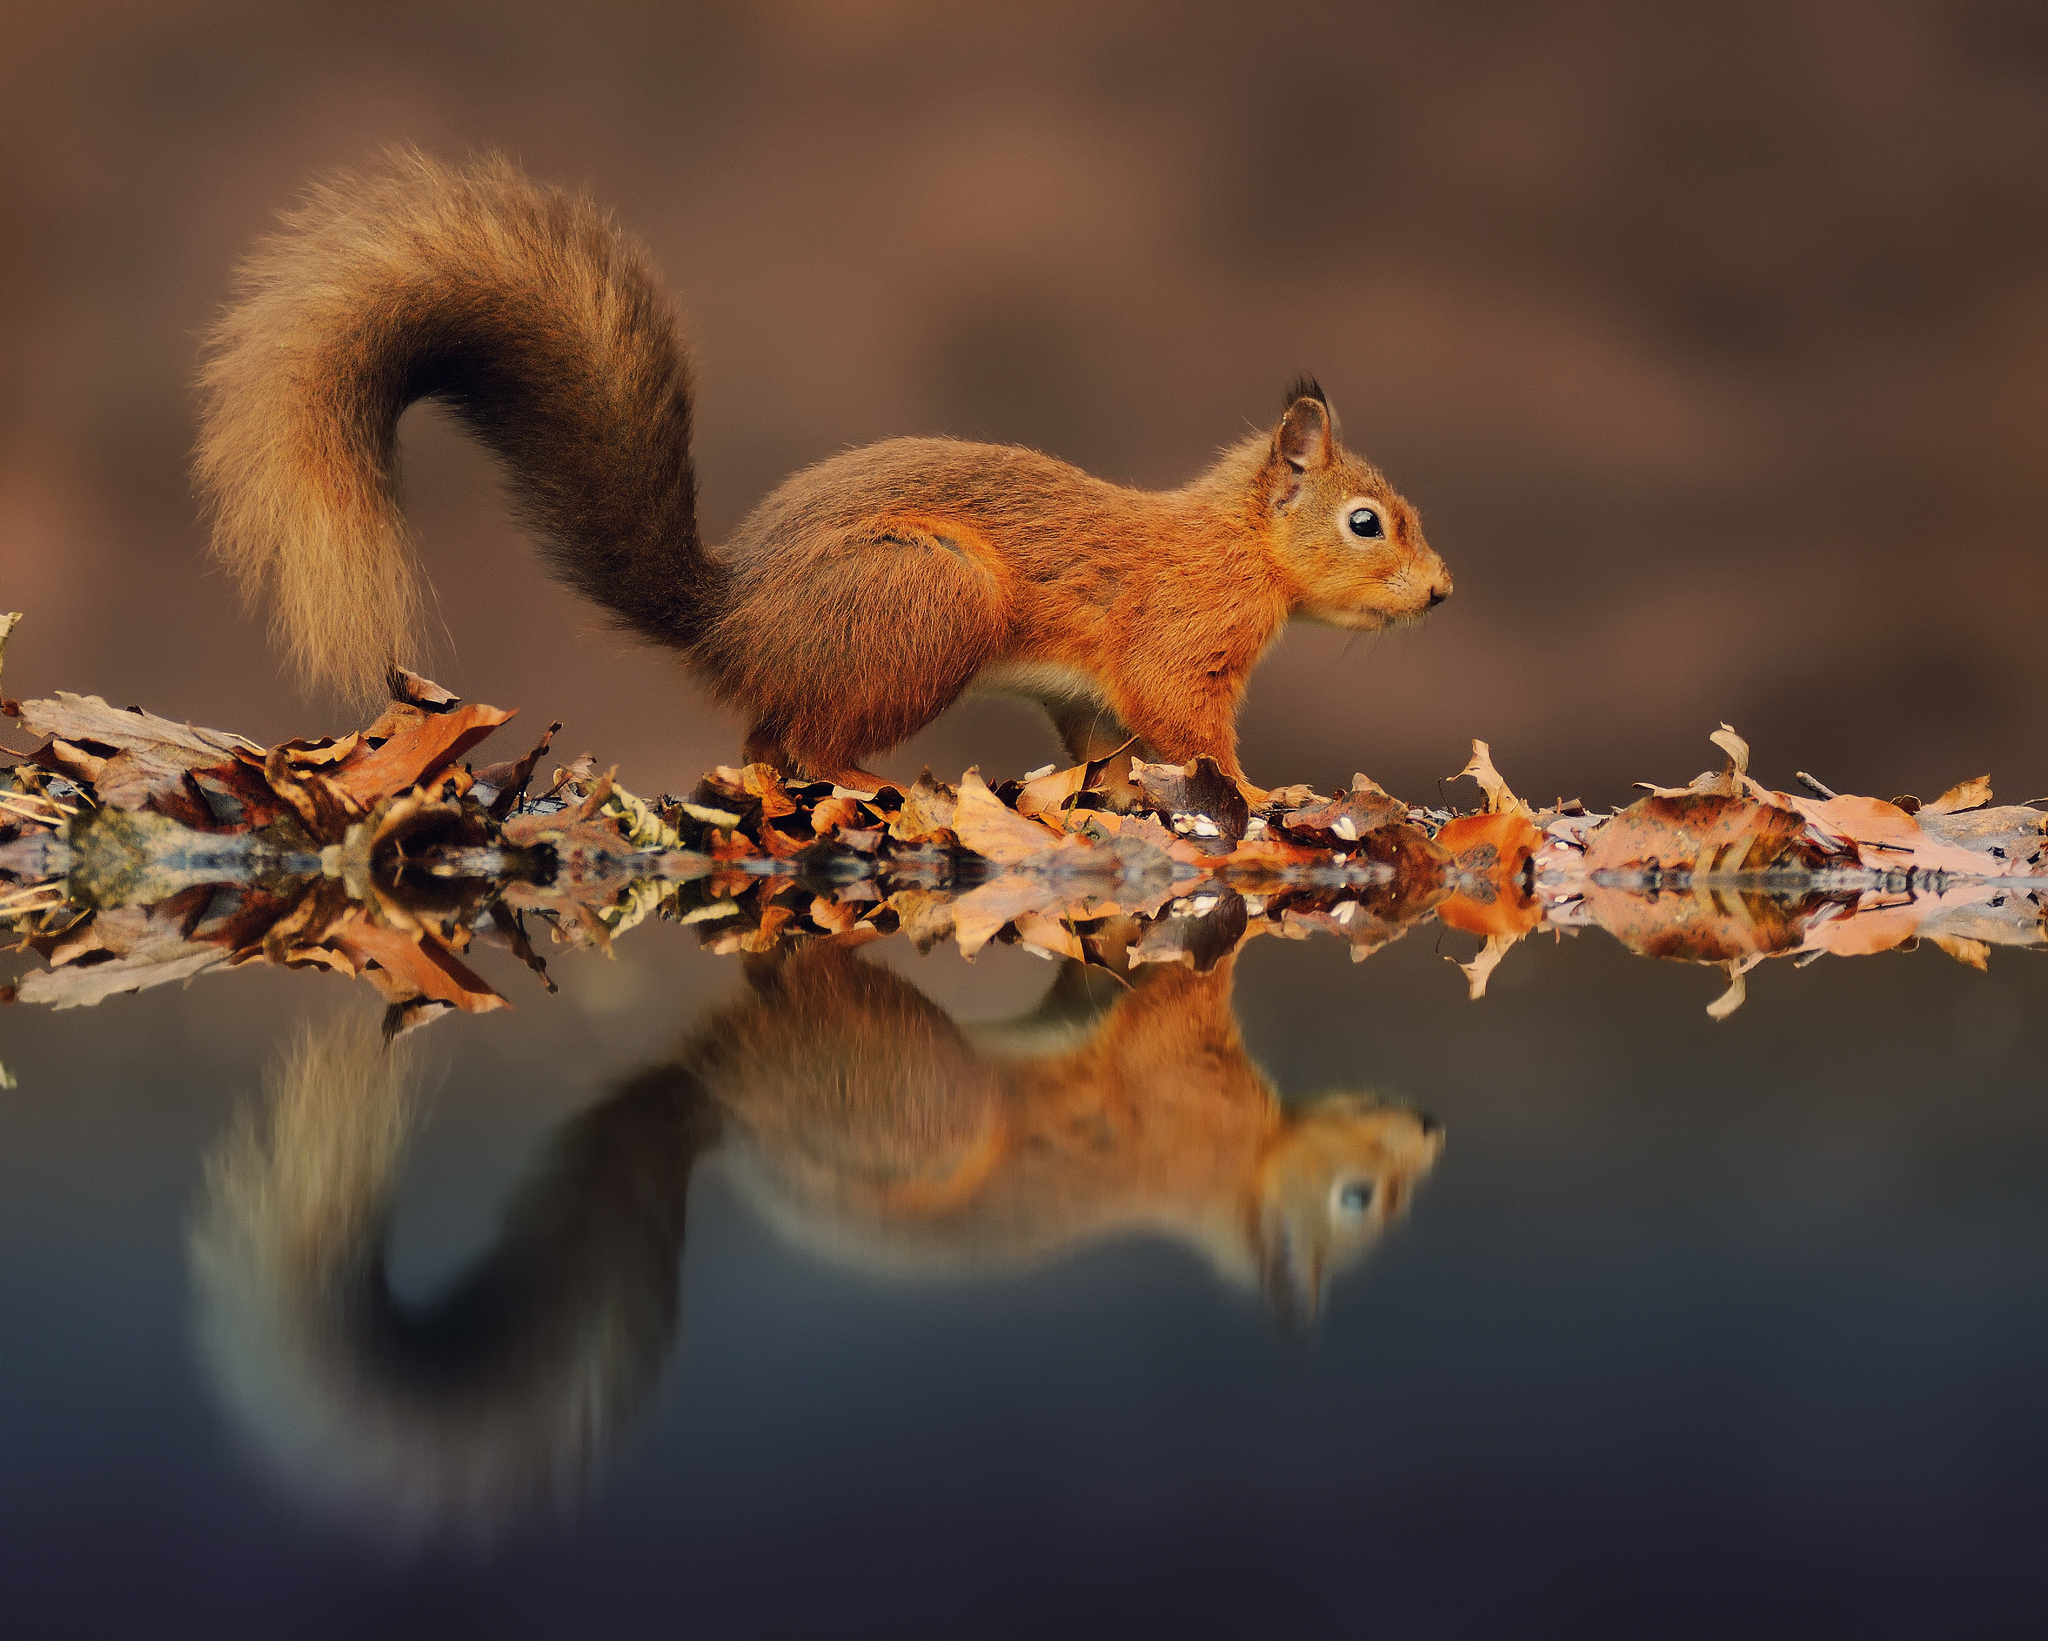 животные и осень в картинках для видеть интерьере